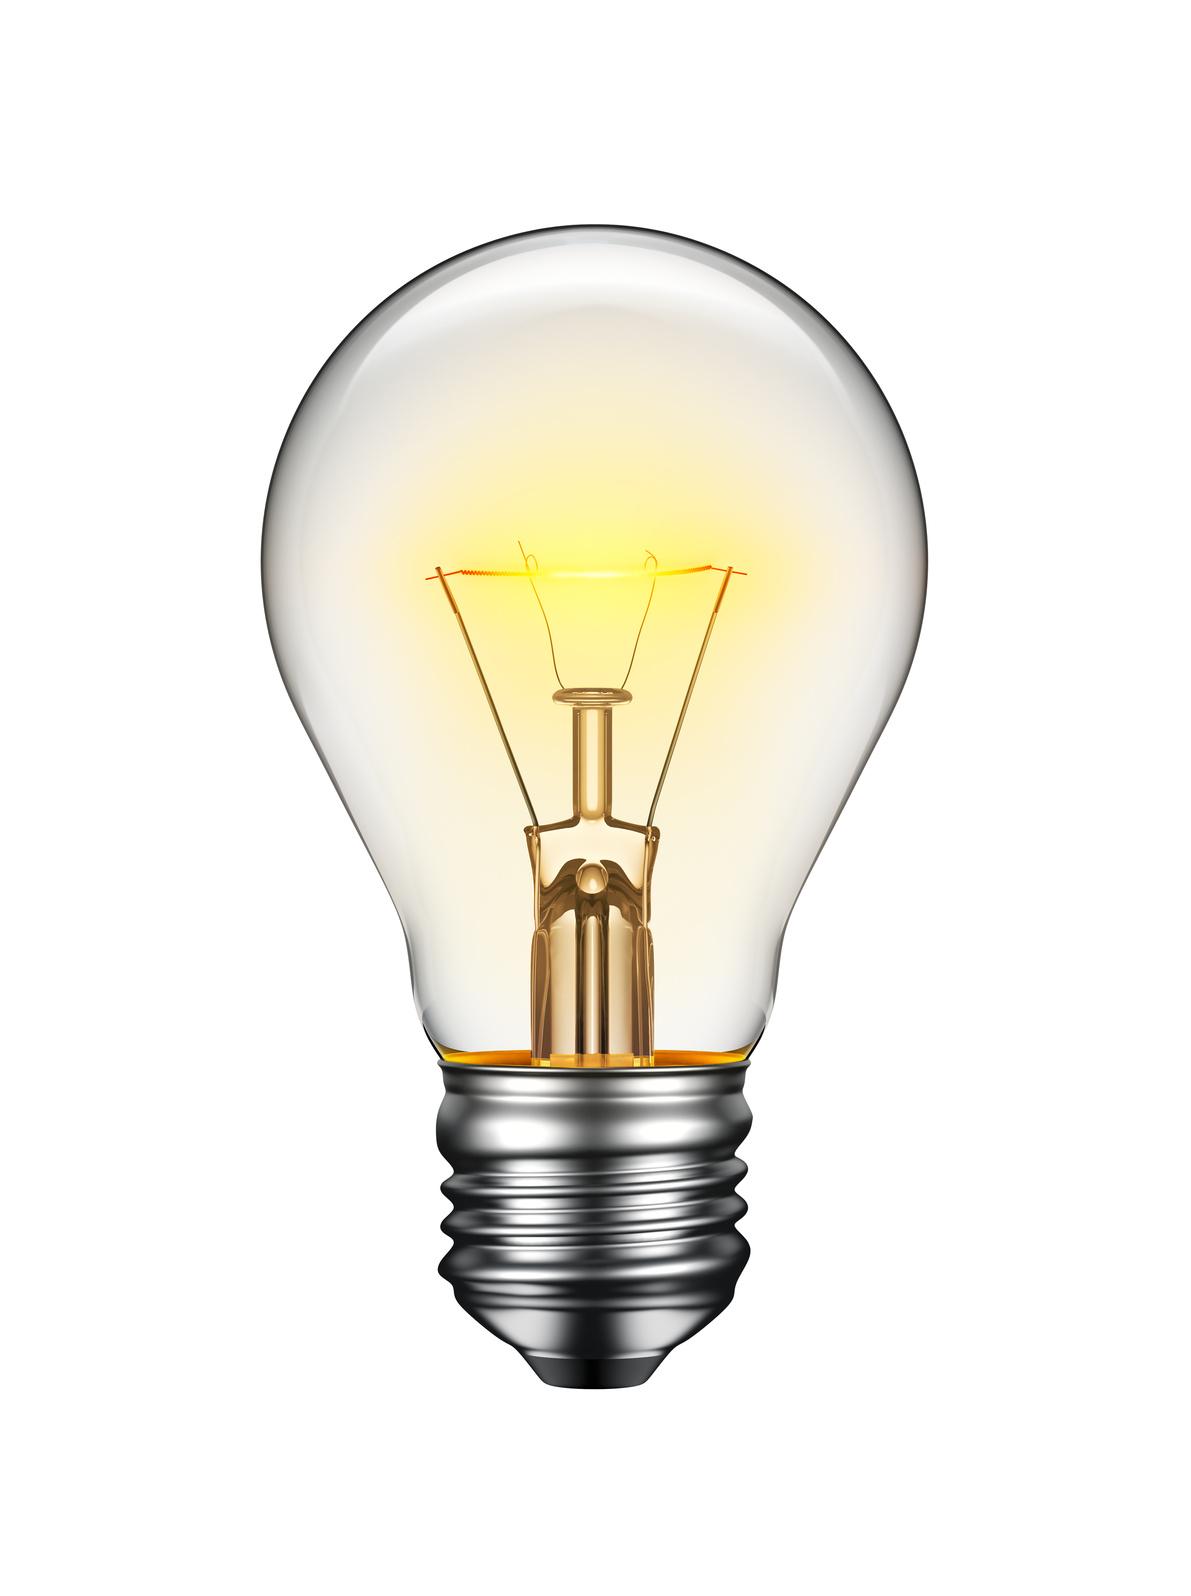 Lichtschalter Ein / Ausschaltung - Elektroinstallation selber machen